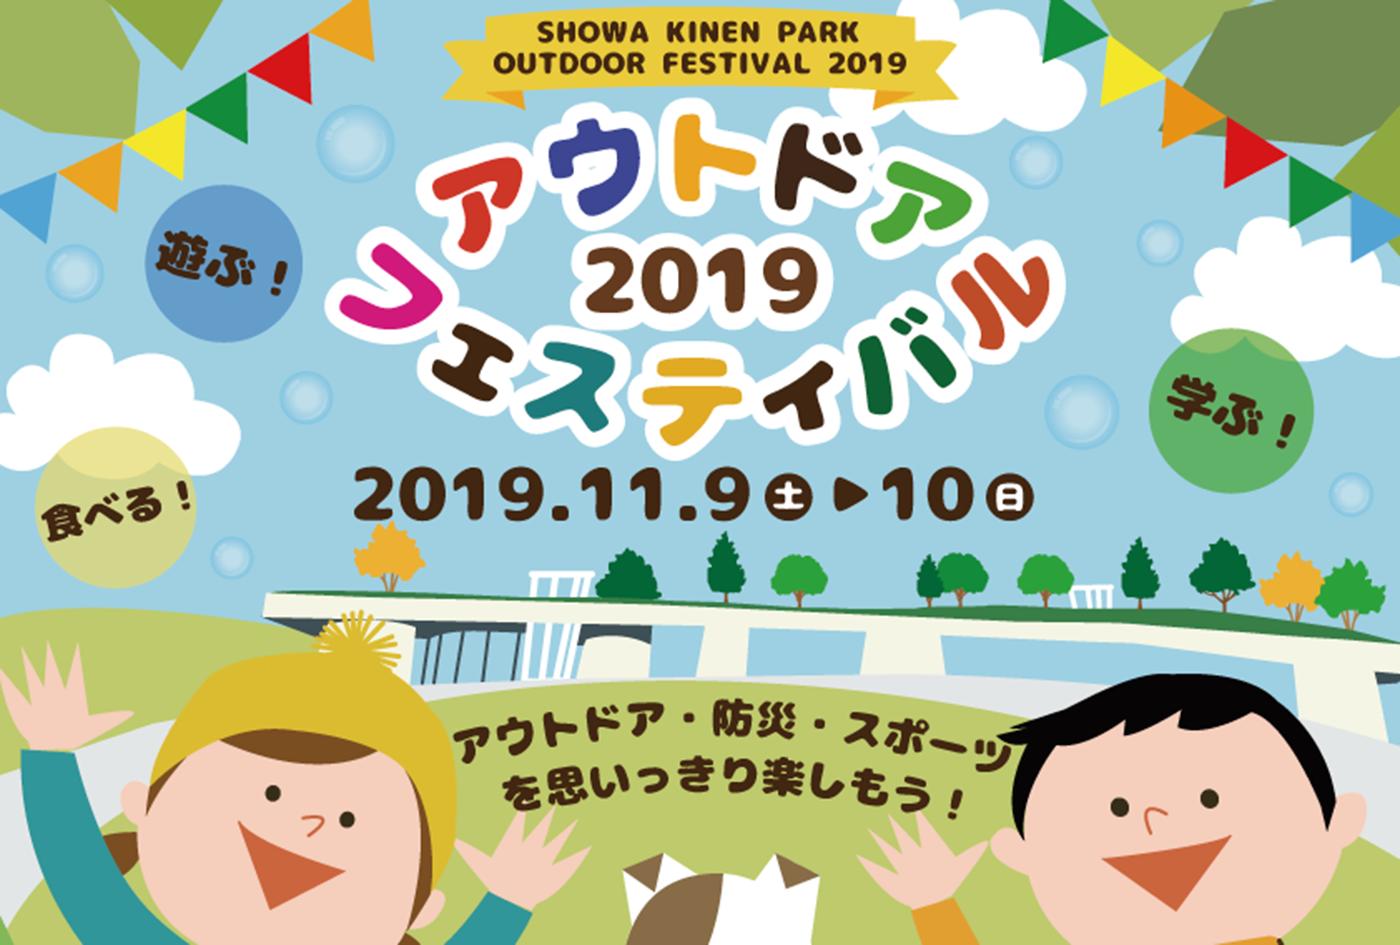 アウトドアフェスティバル2019 | 東京都